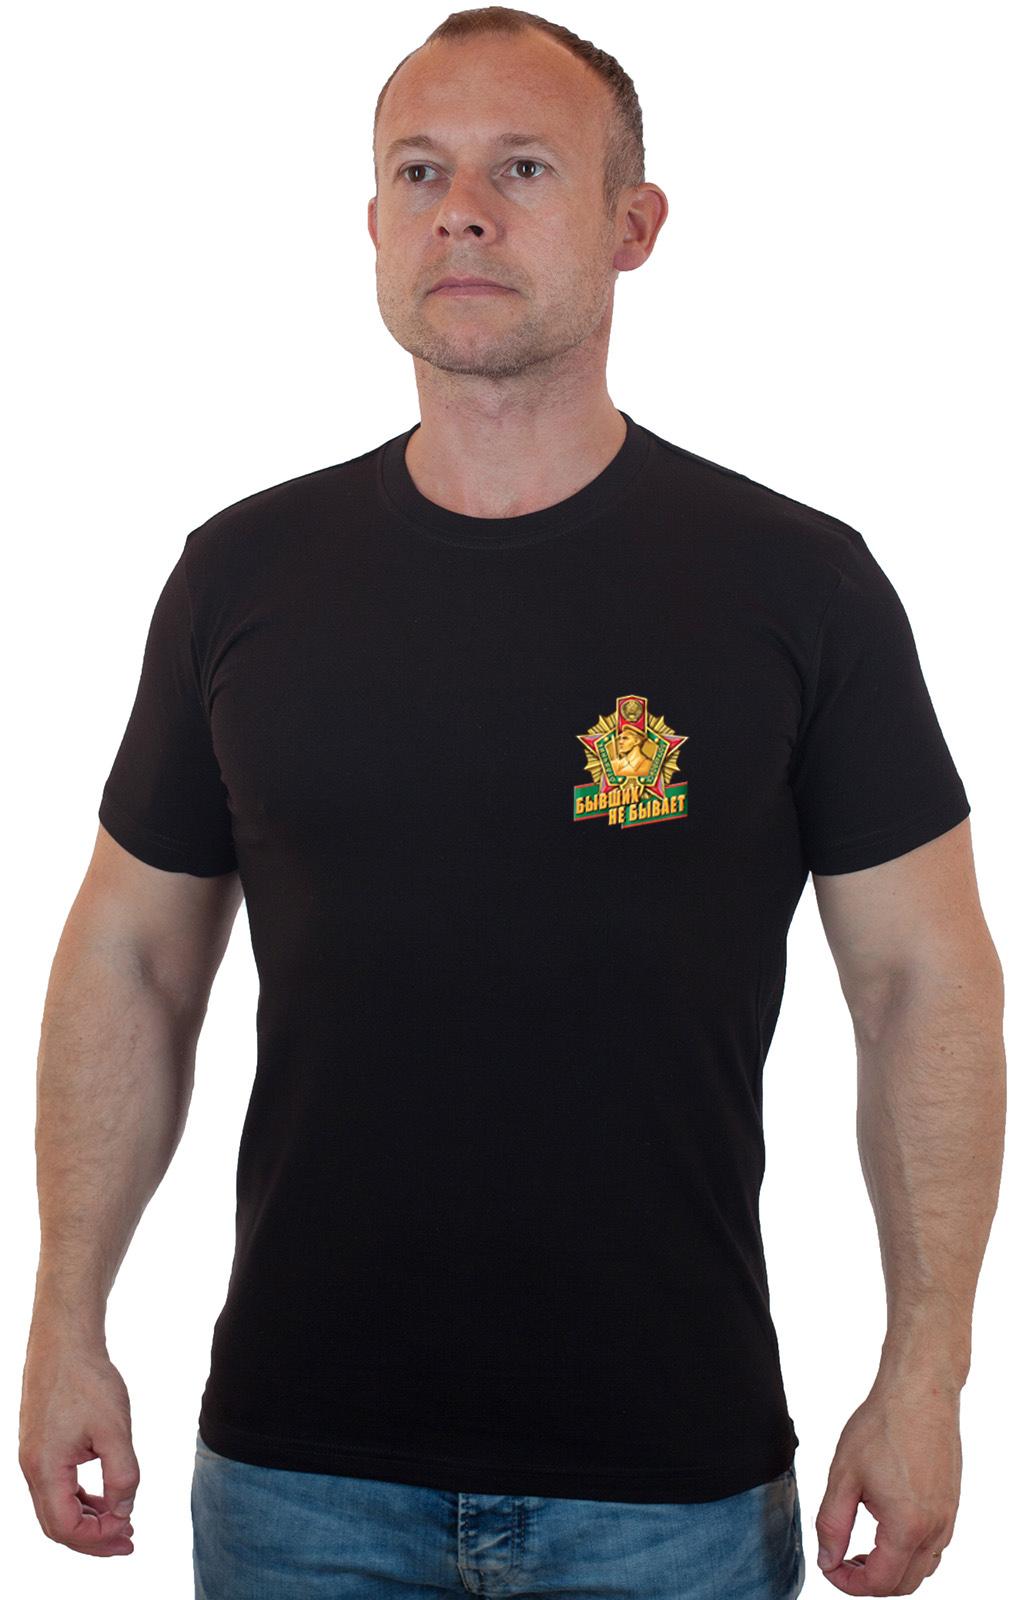 Купить в военторге Военпро хорошую футболку пограничнику